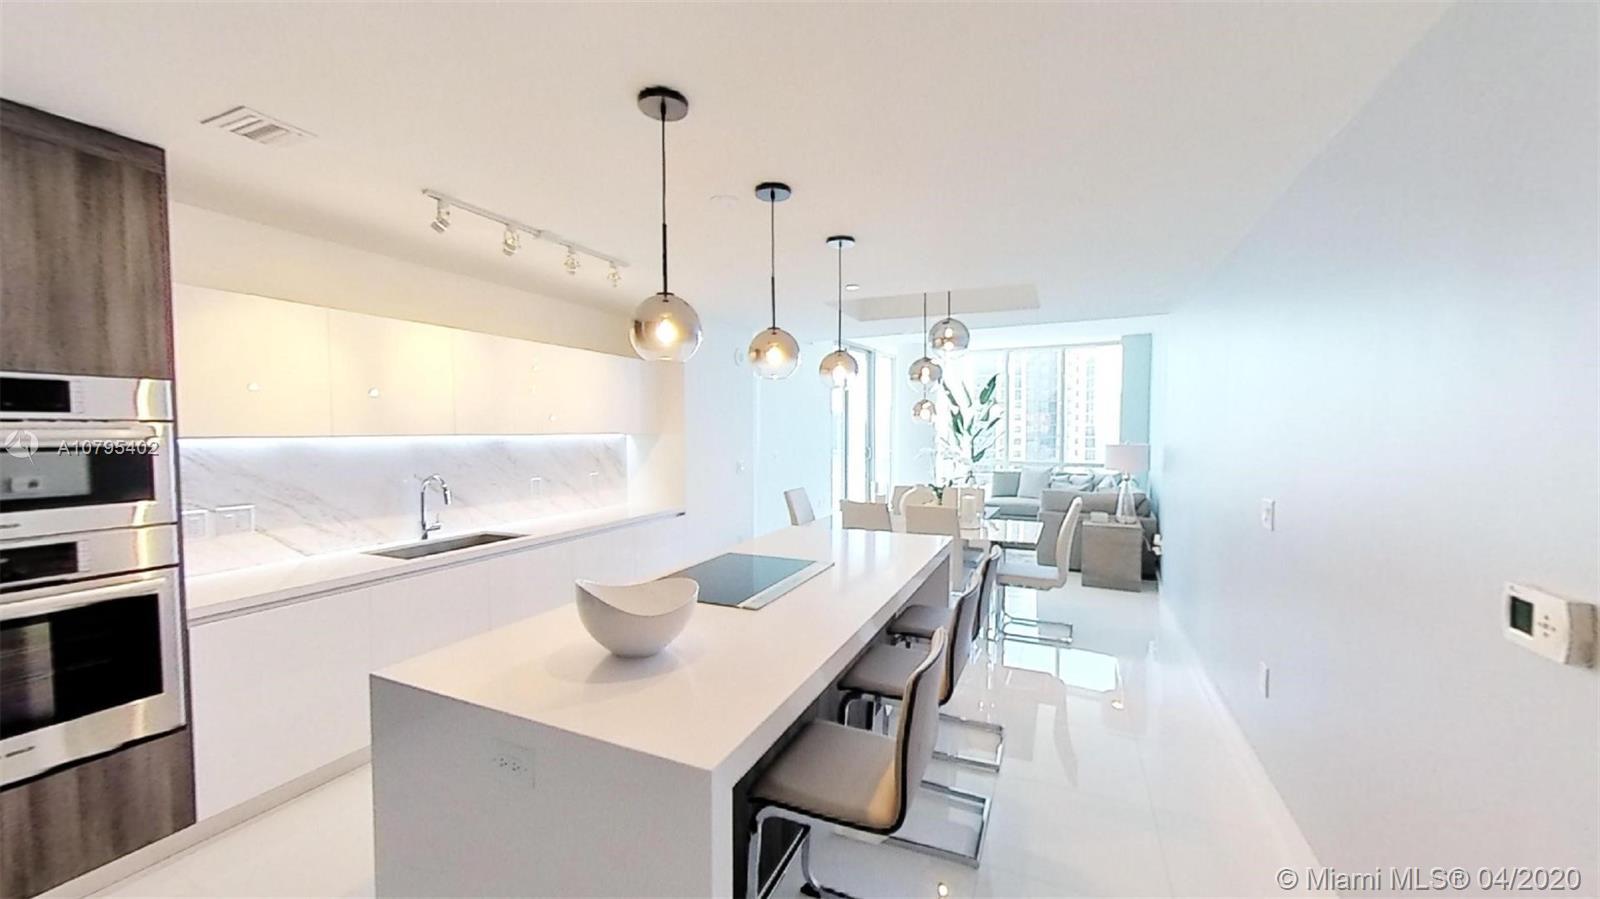 Immobilier Miami aménagement